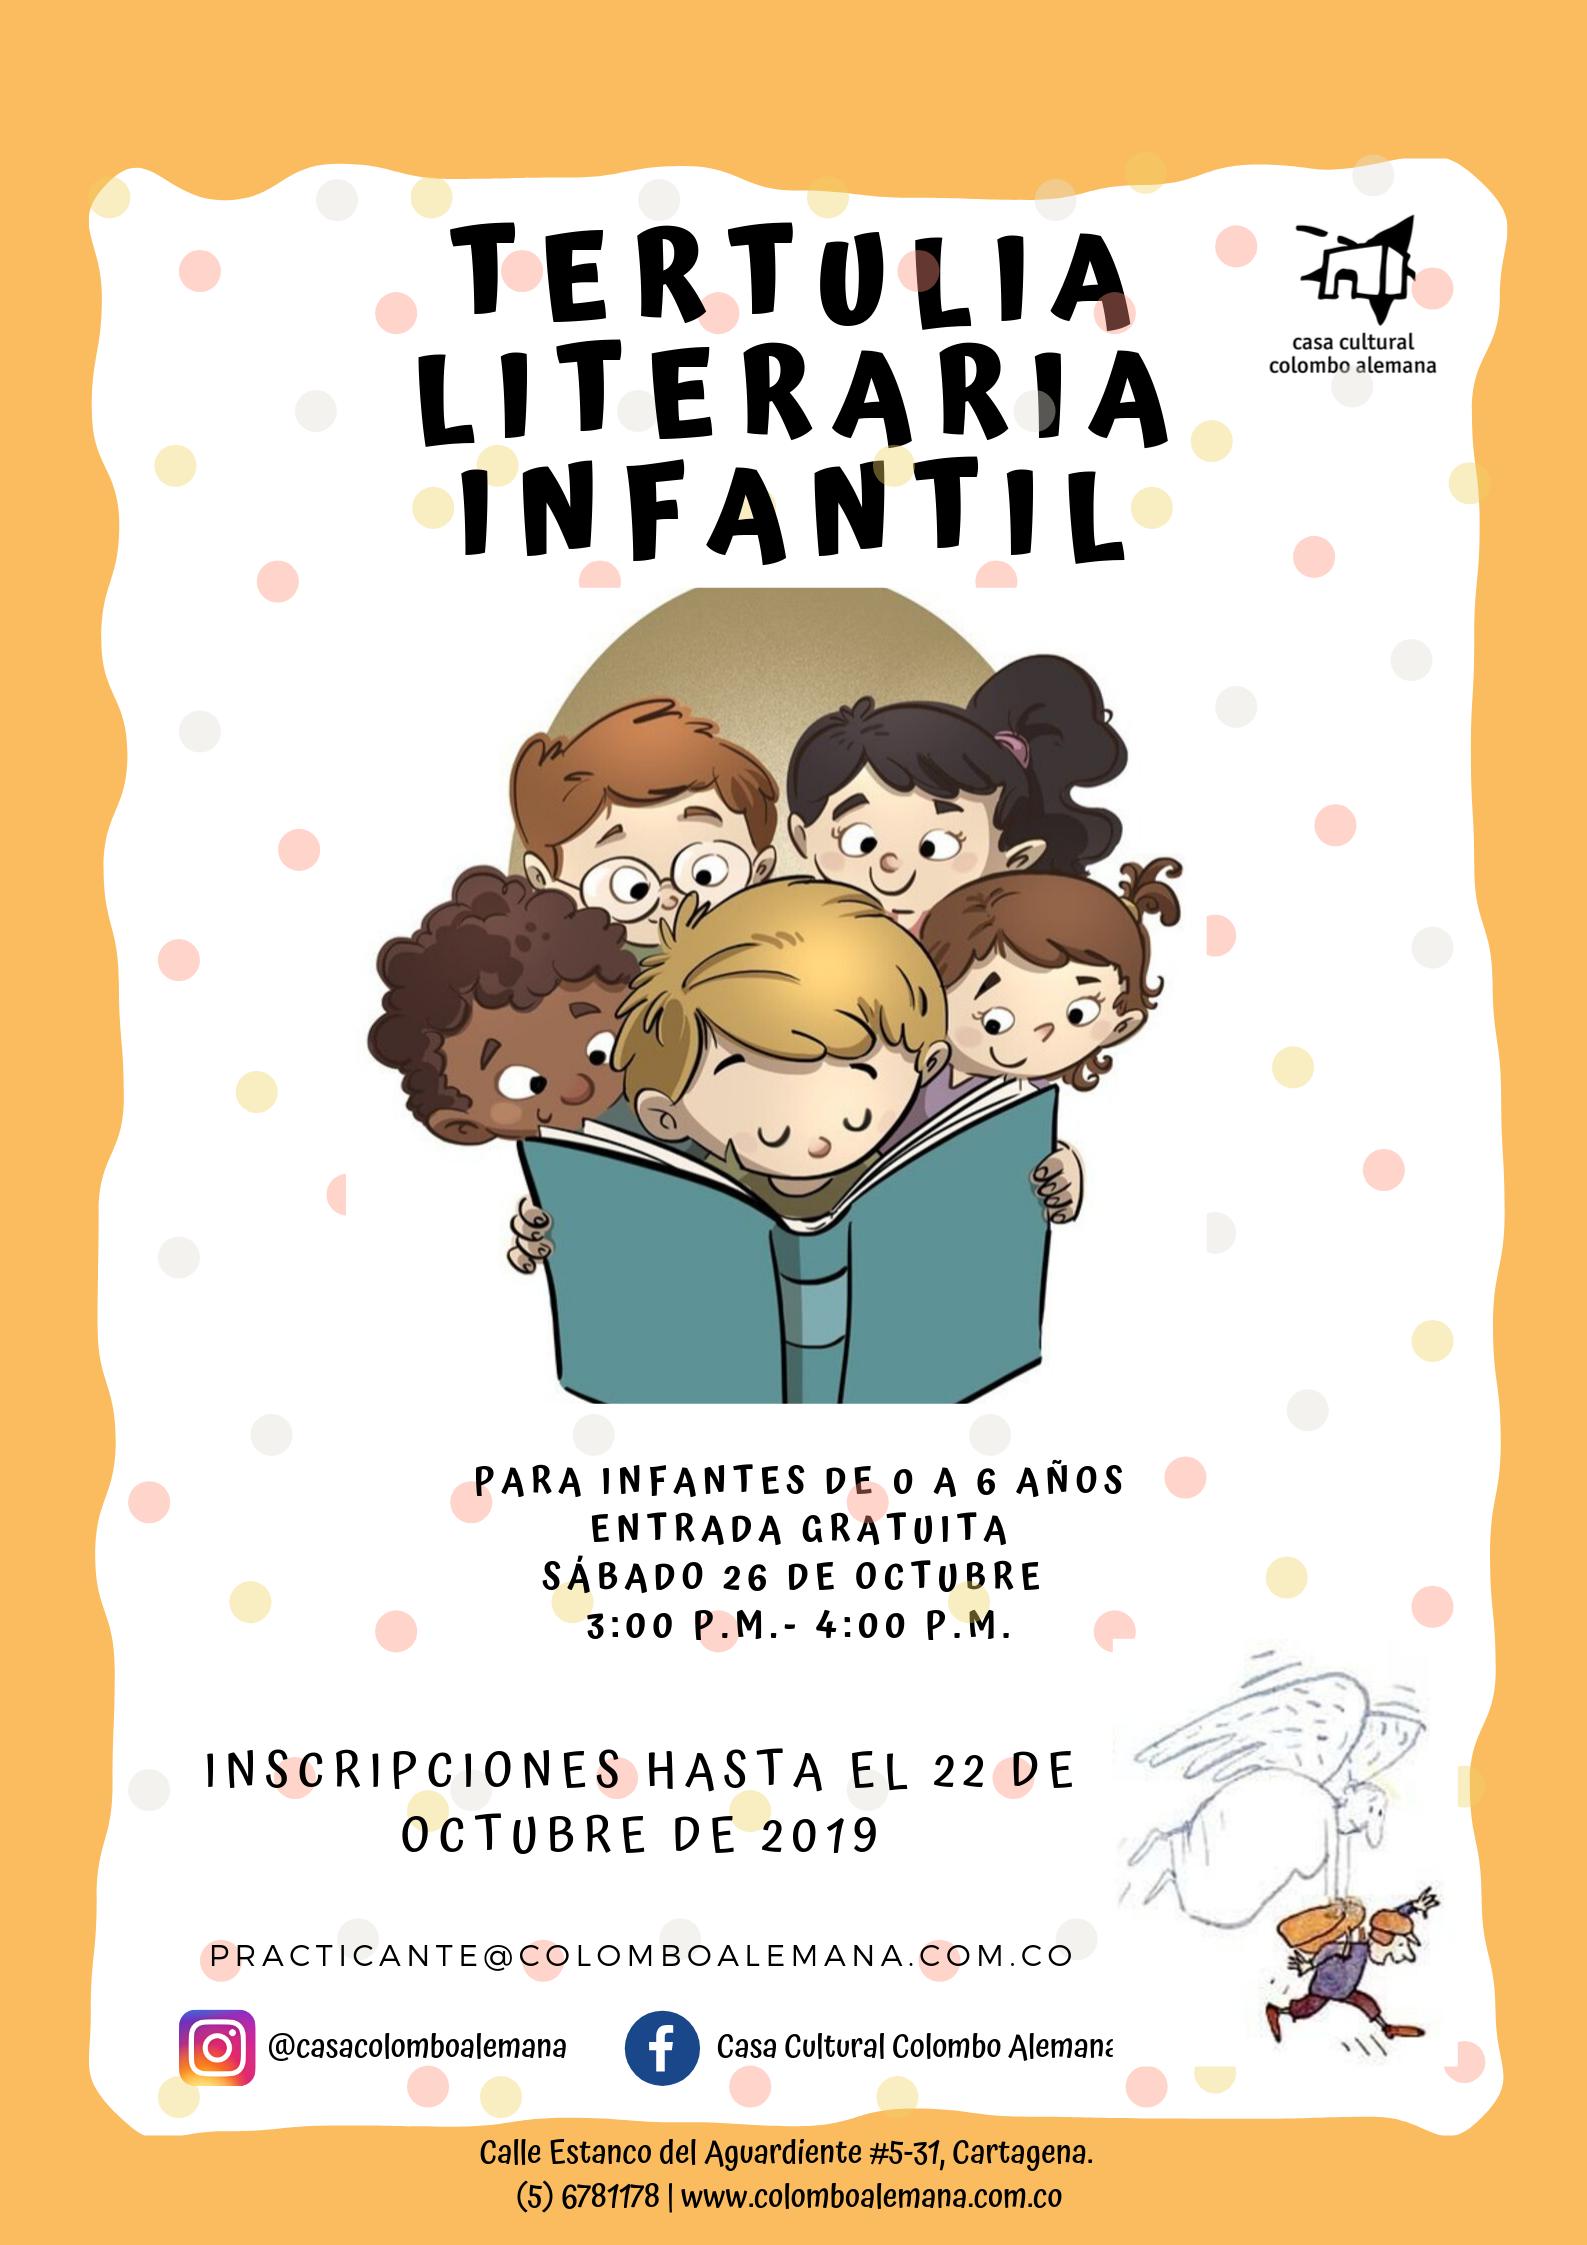 TERTULIA LITERARIA INFANTIL- Octubre